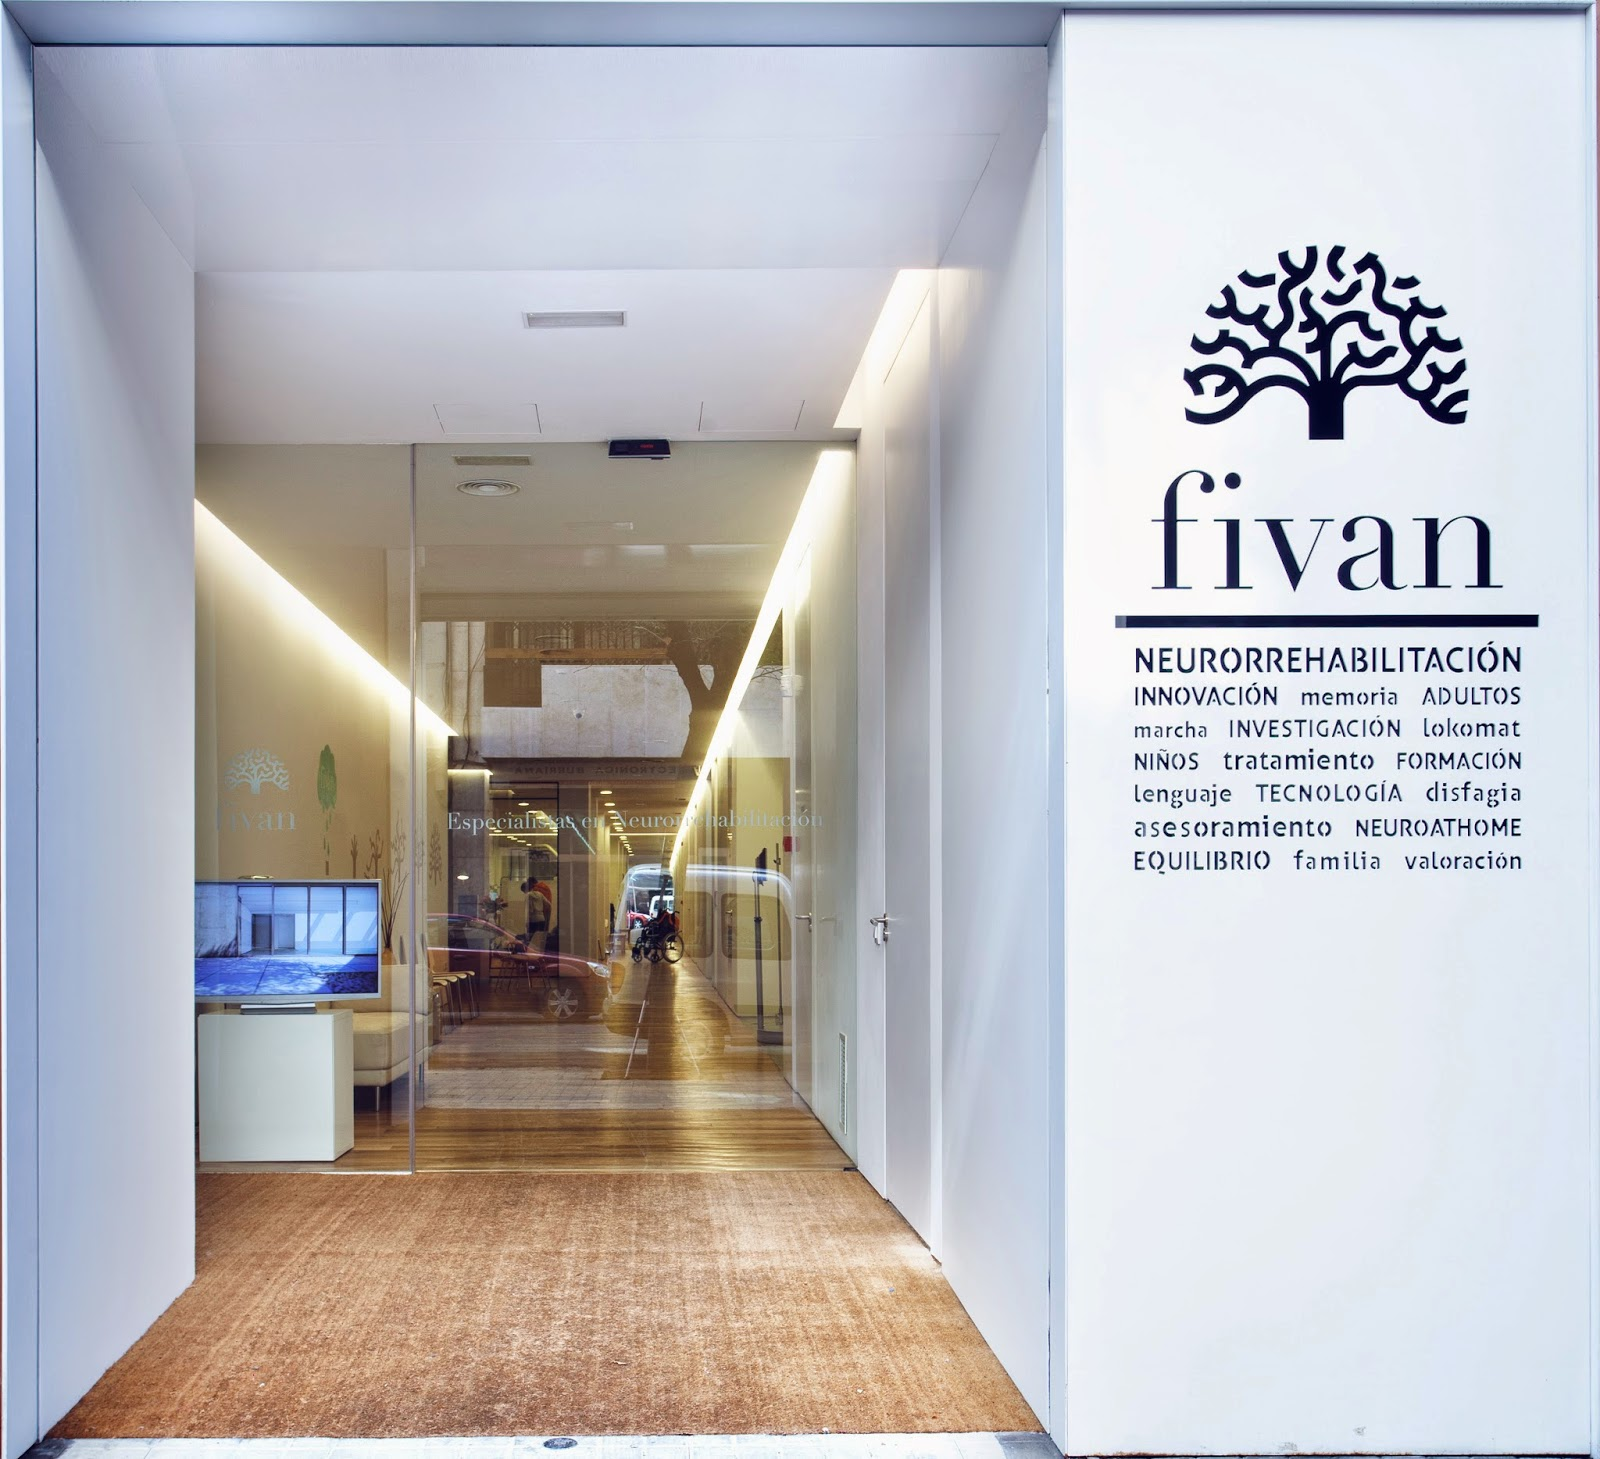 proyectos-reforma-antes-despues-centro-rehabilitacion-fivan-valencia